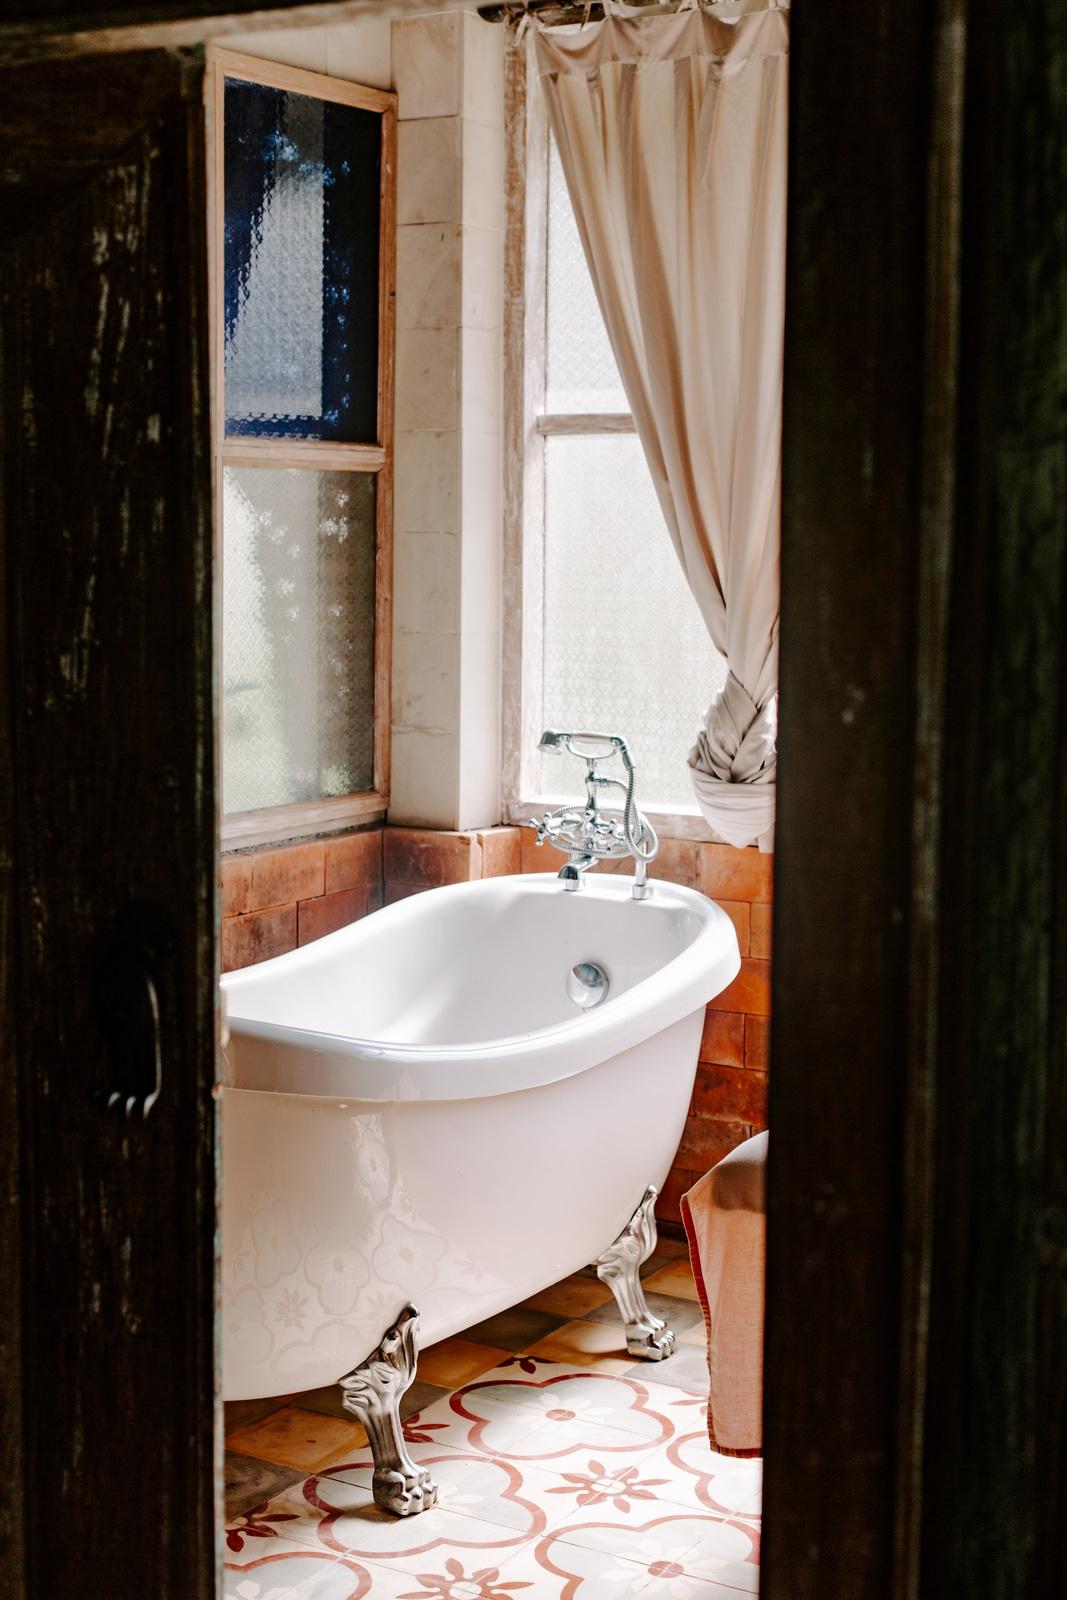 self-care idea bath